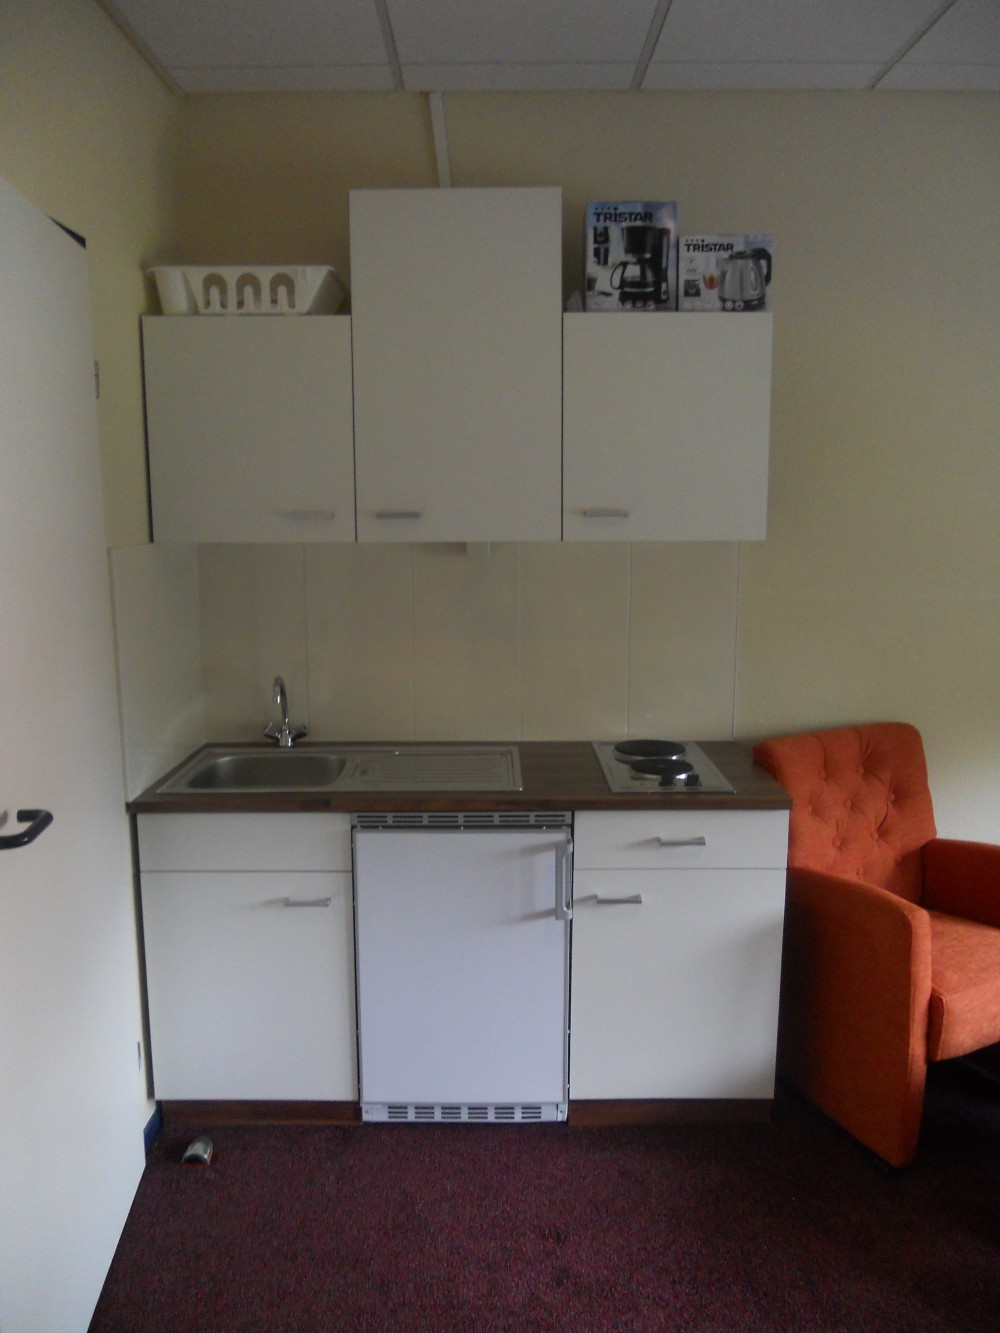 Te huur 3007 24 gemeubileerde studio in het centrum in enschede twents vast enschede - Center meubilair keuken ...